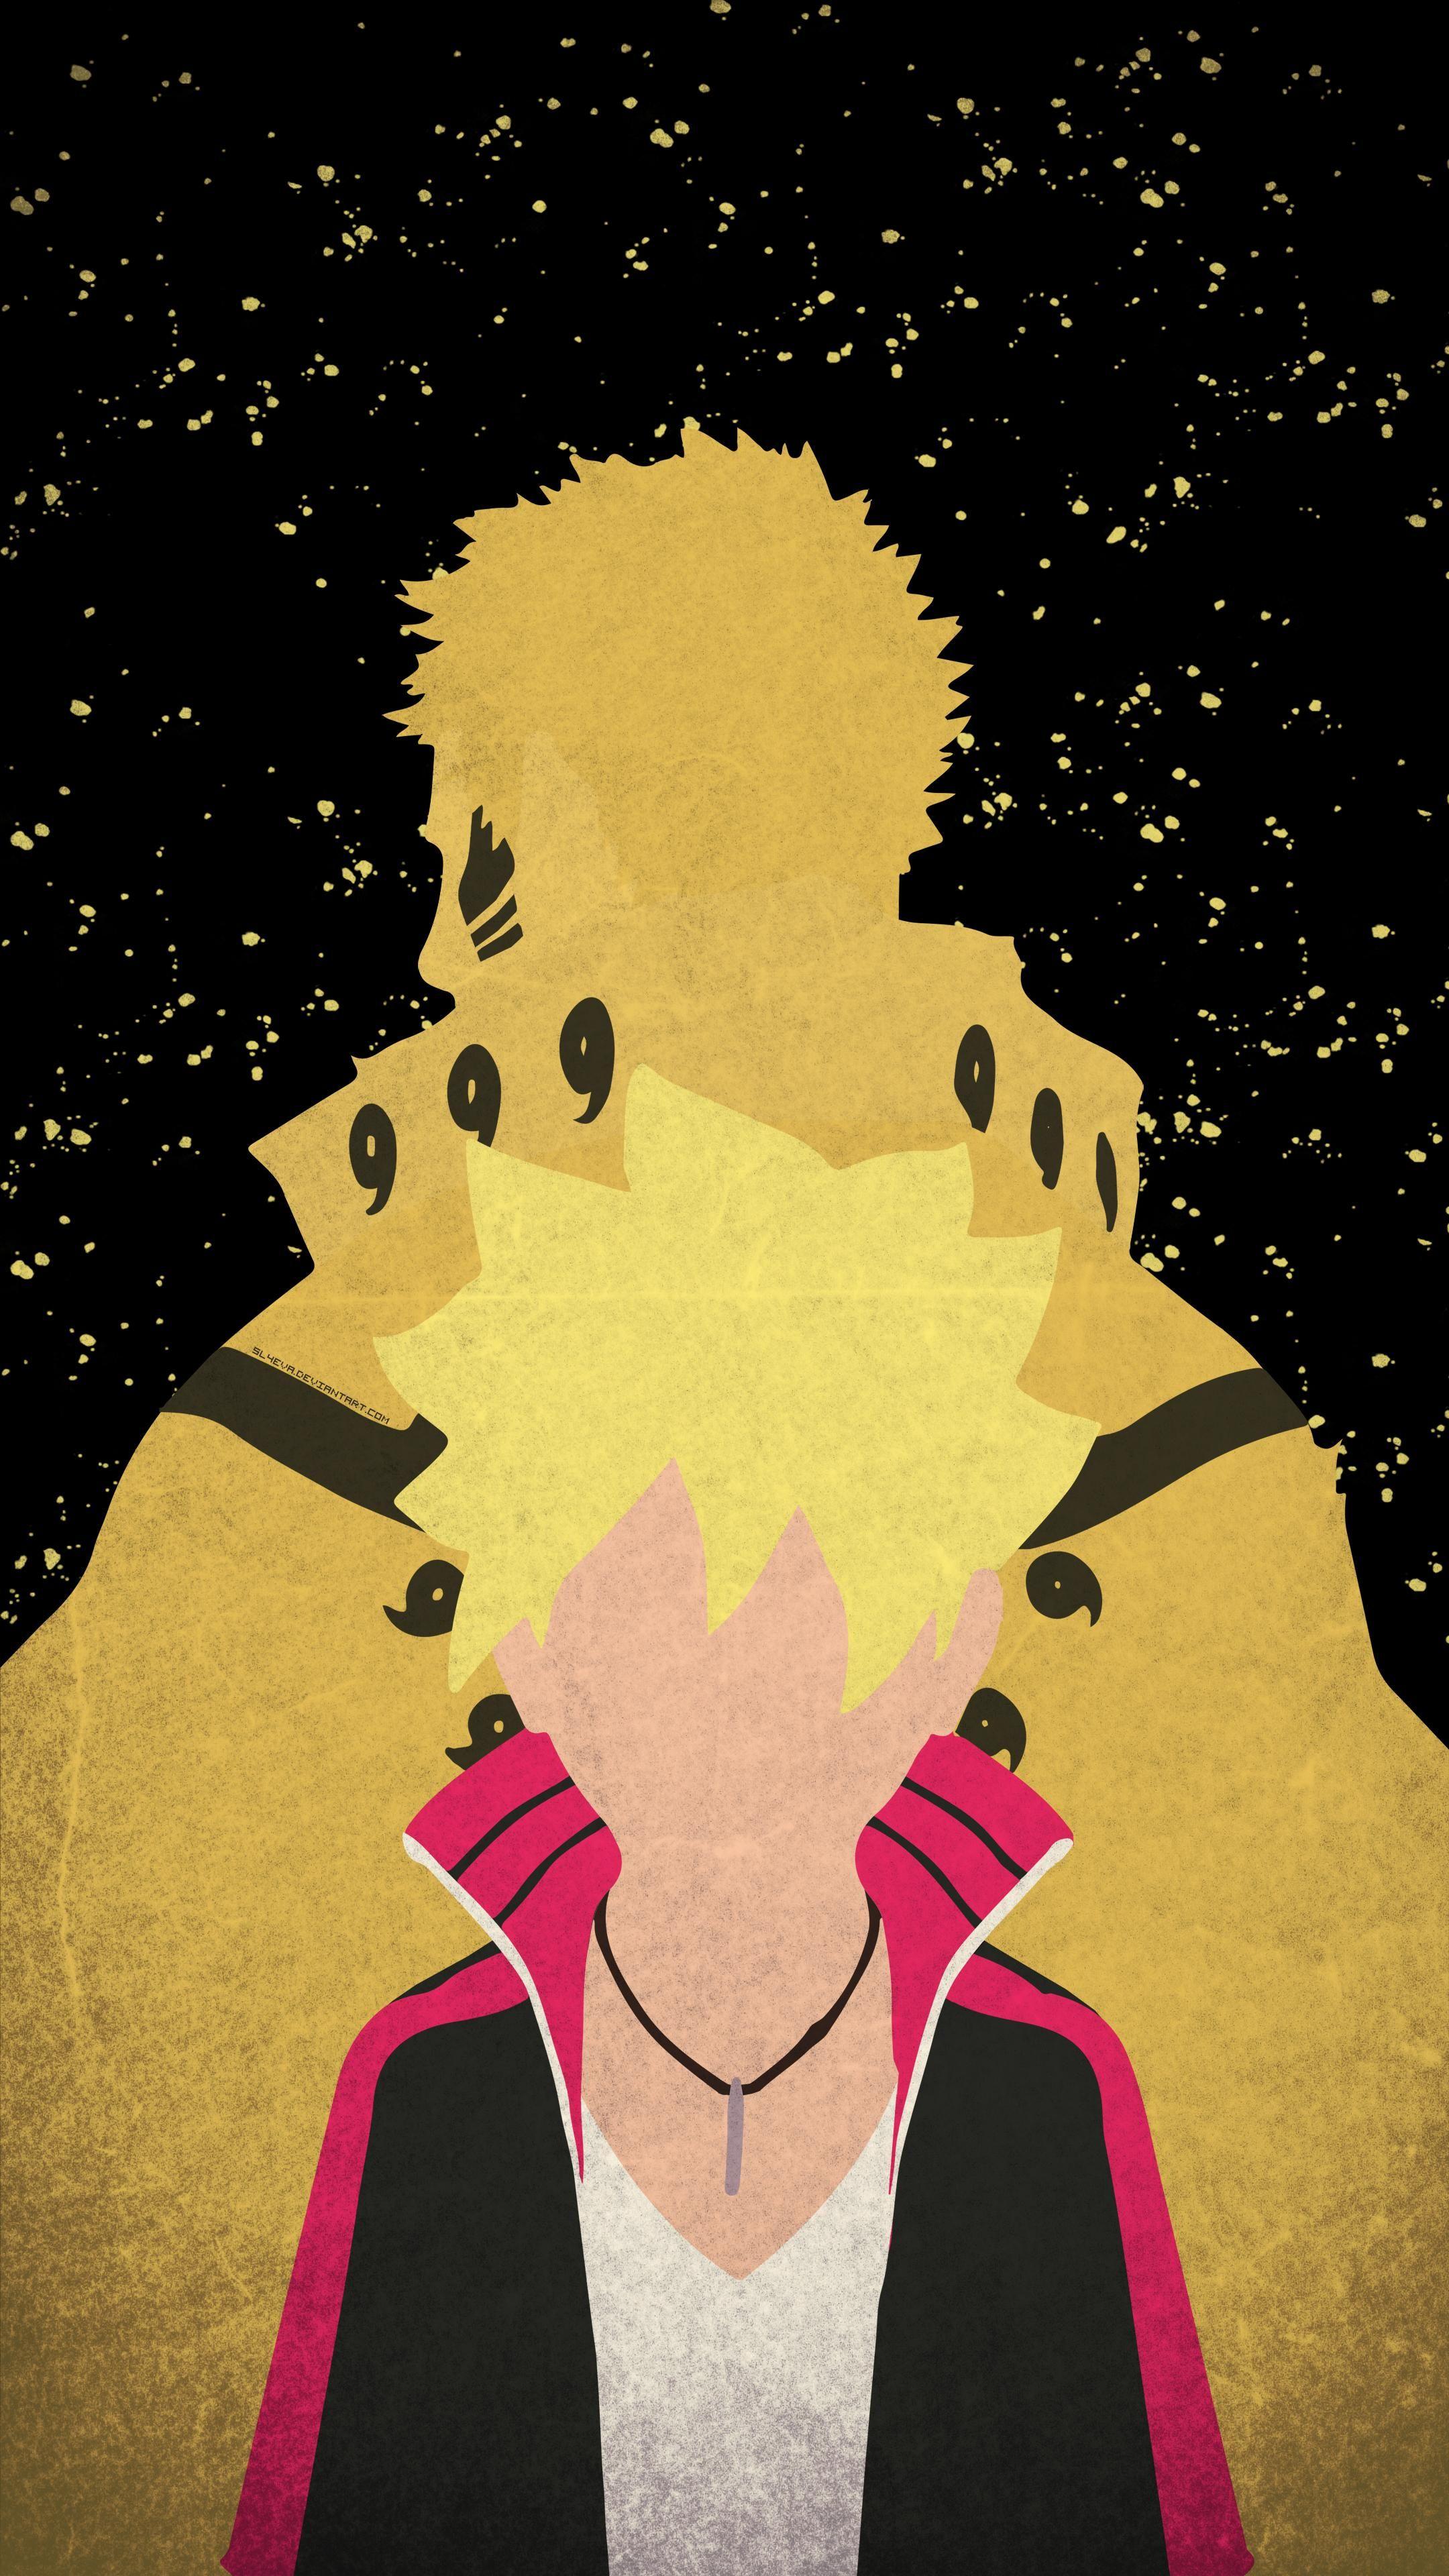 Rq32vtz3p1wx Jpg 2 160 3 840 Pixels Uzumaki Boruto Anime Naruto Anime